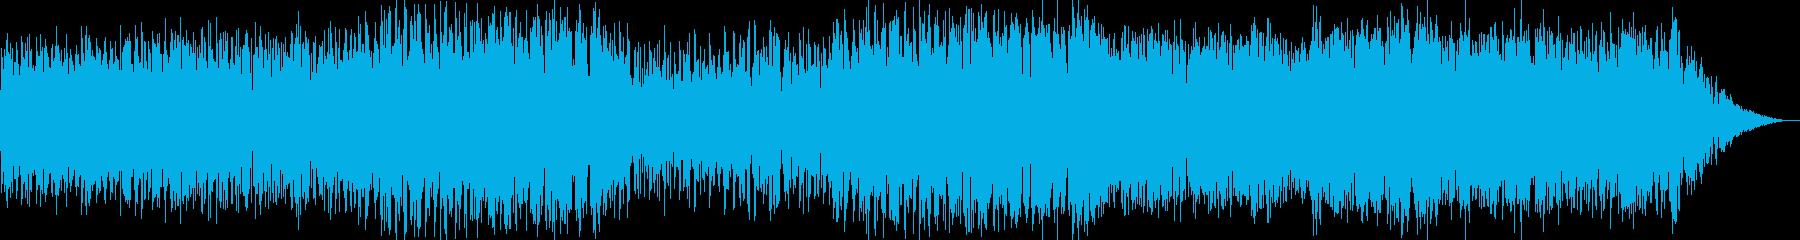 大人のバラードの再生済みの波形